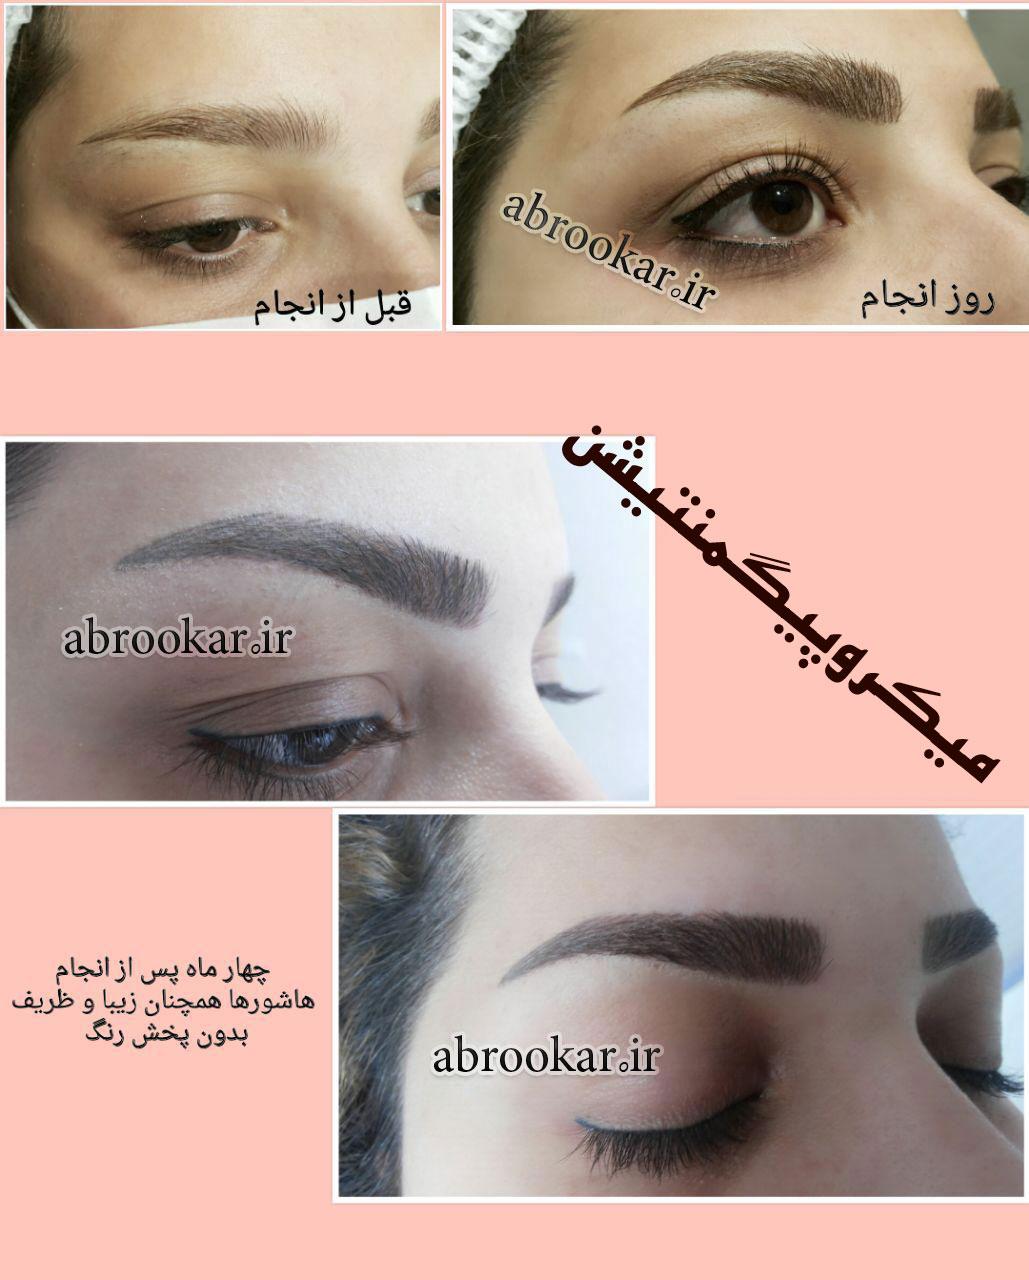 تخصصی ترین مرکز میکروپیگمنتیشن و آرایش دائم در تهران